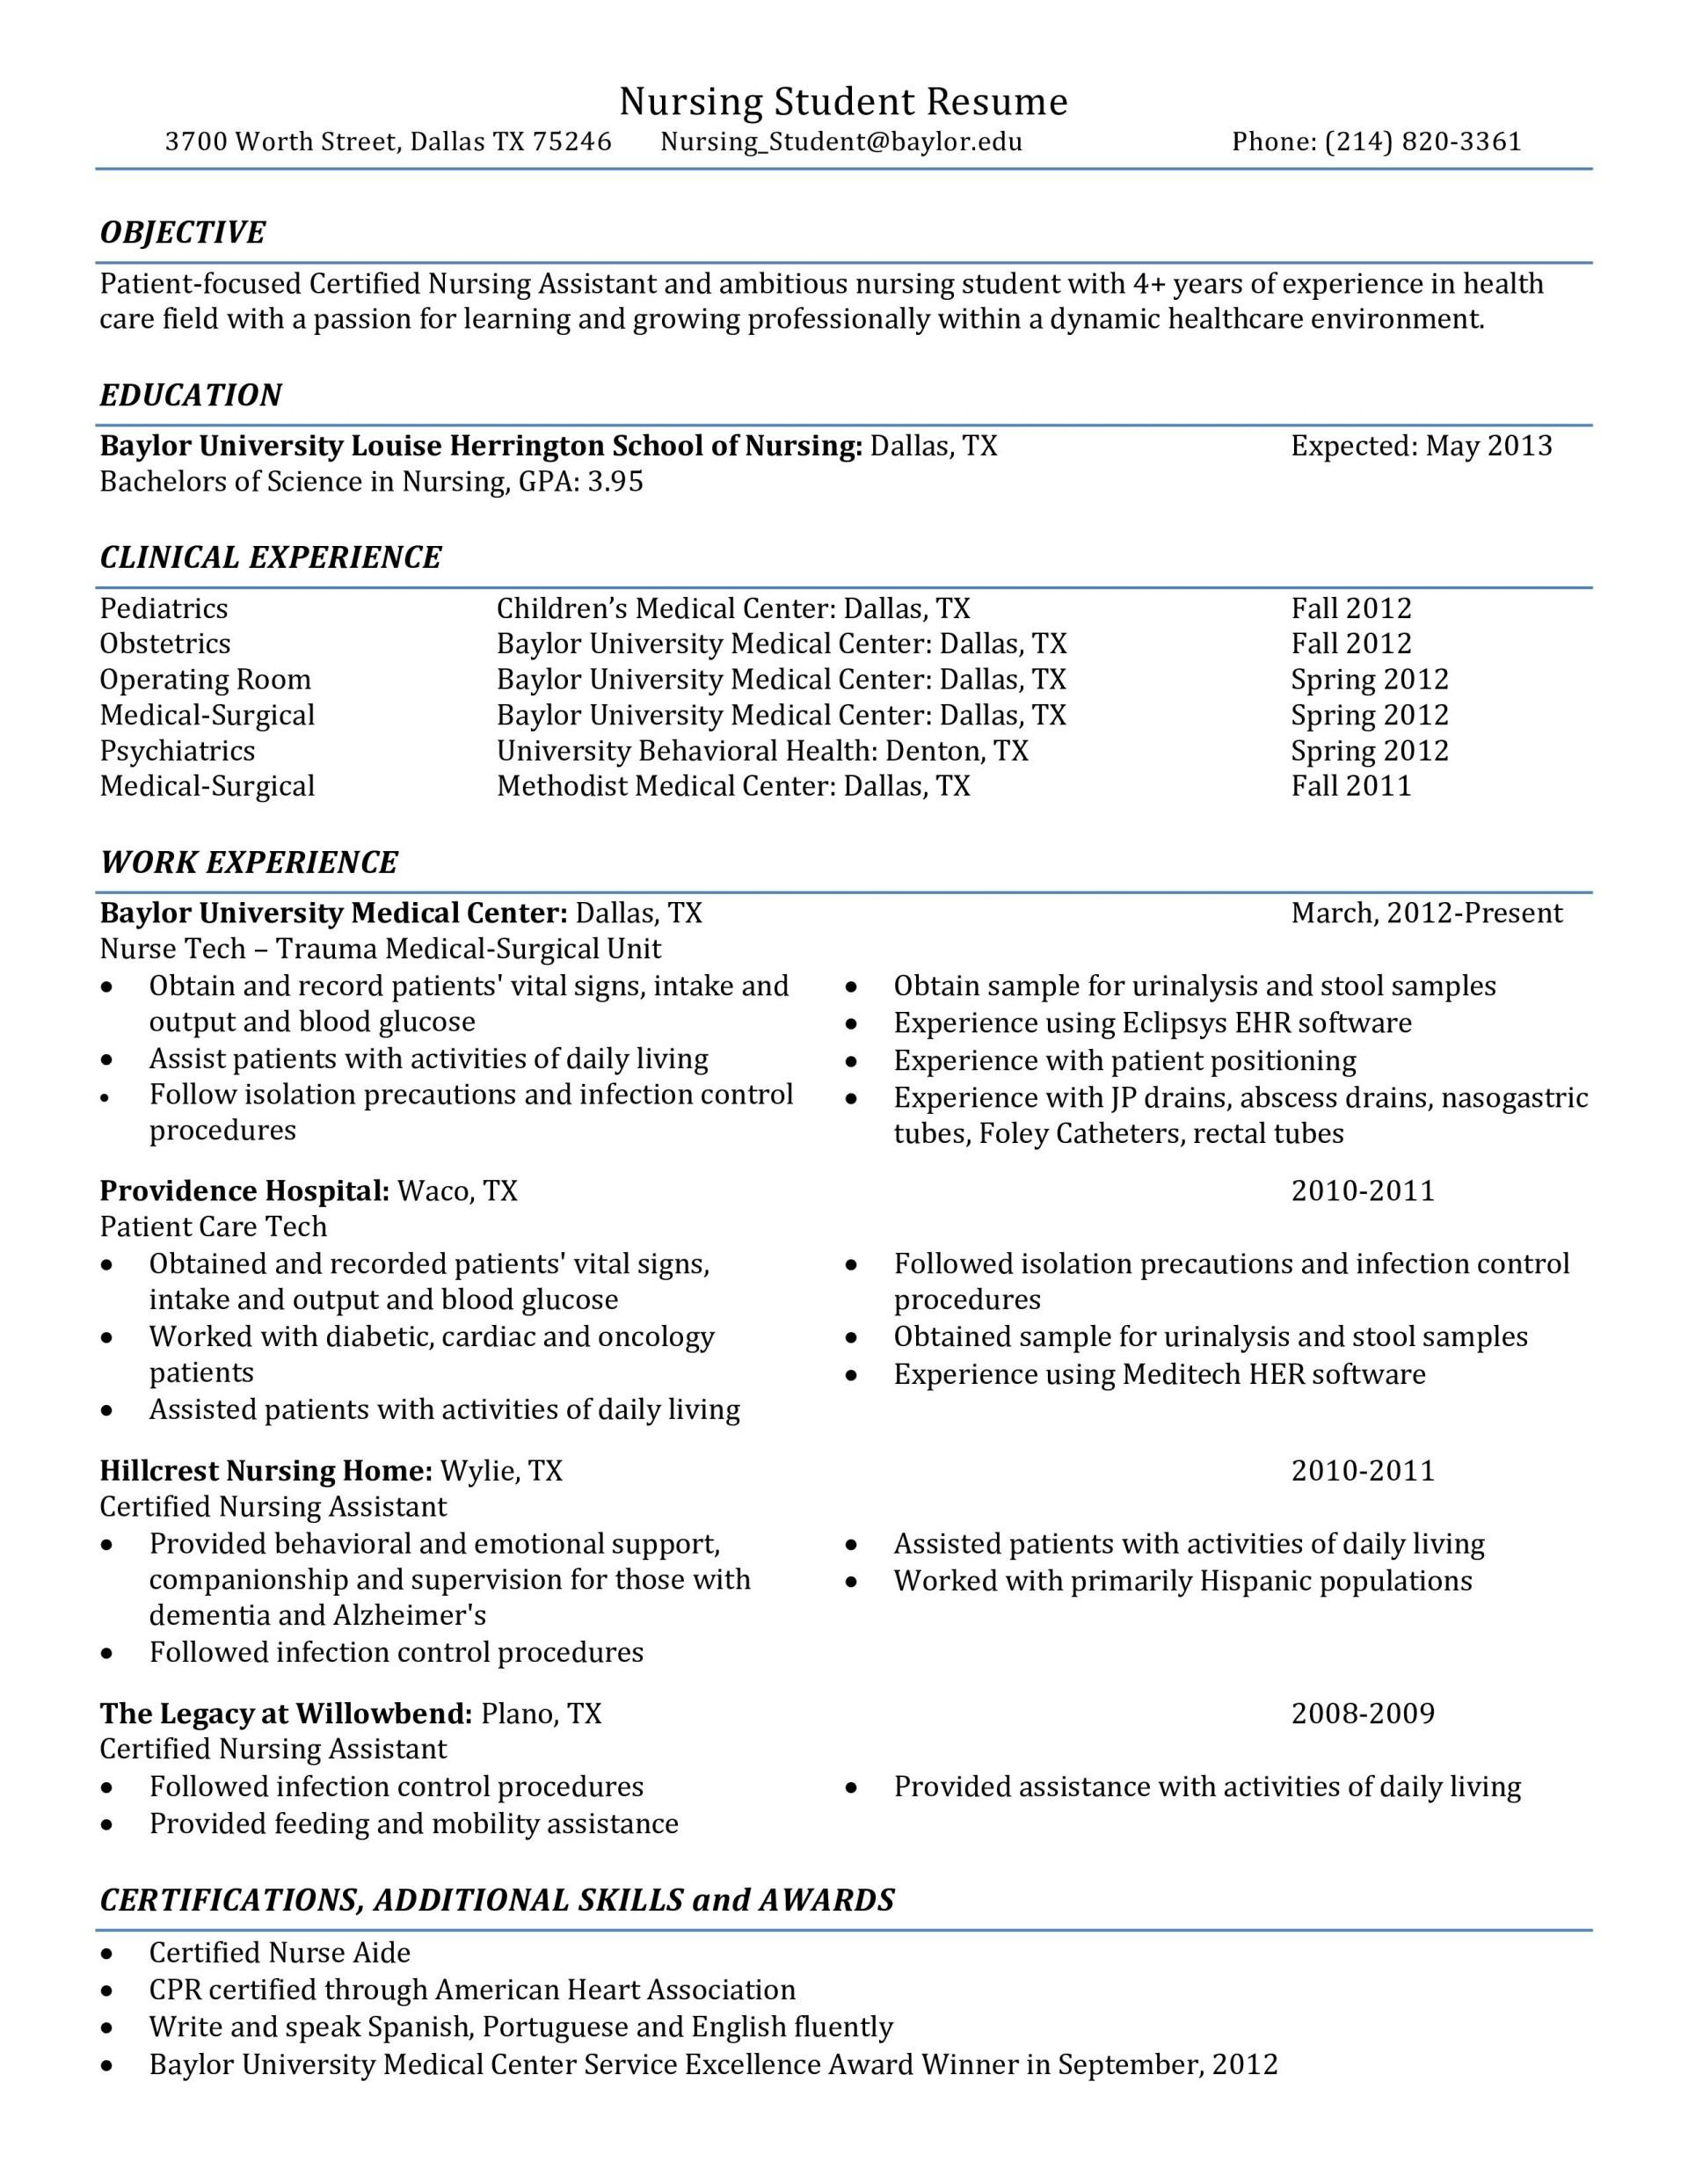 001 Rare Nursing Student Resume Template Example  Free Word1920